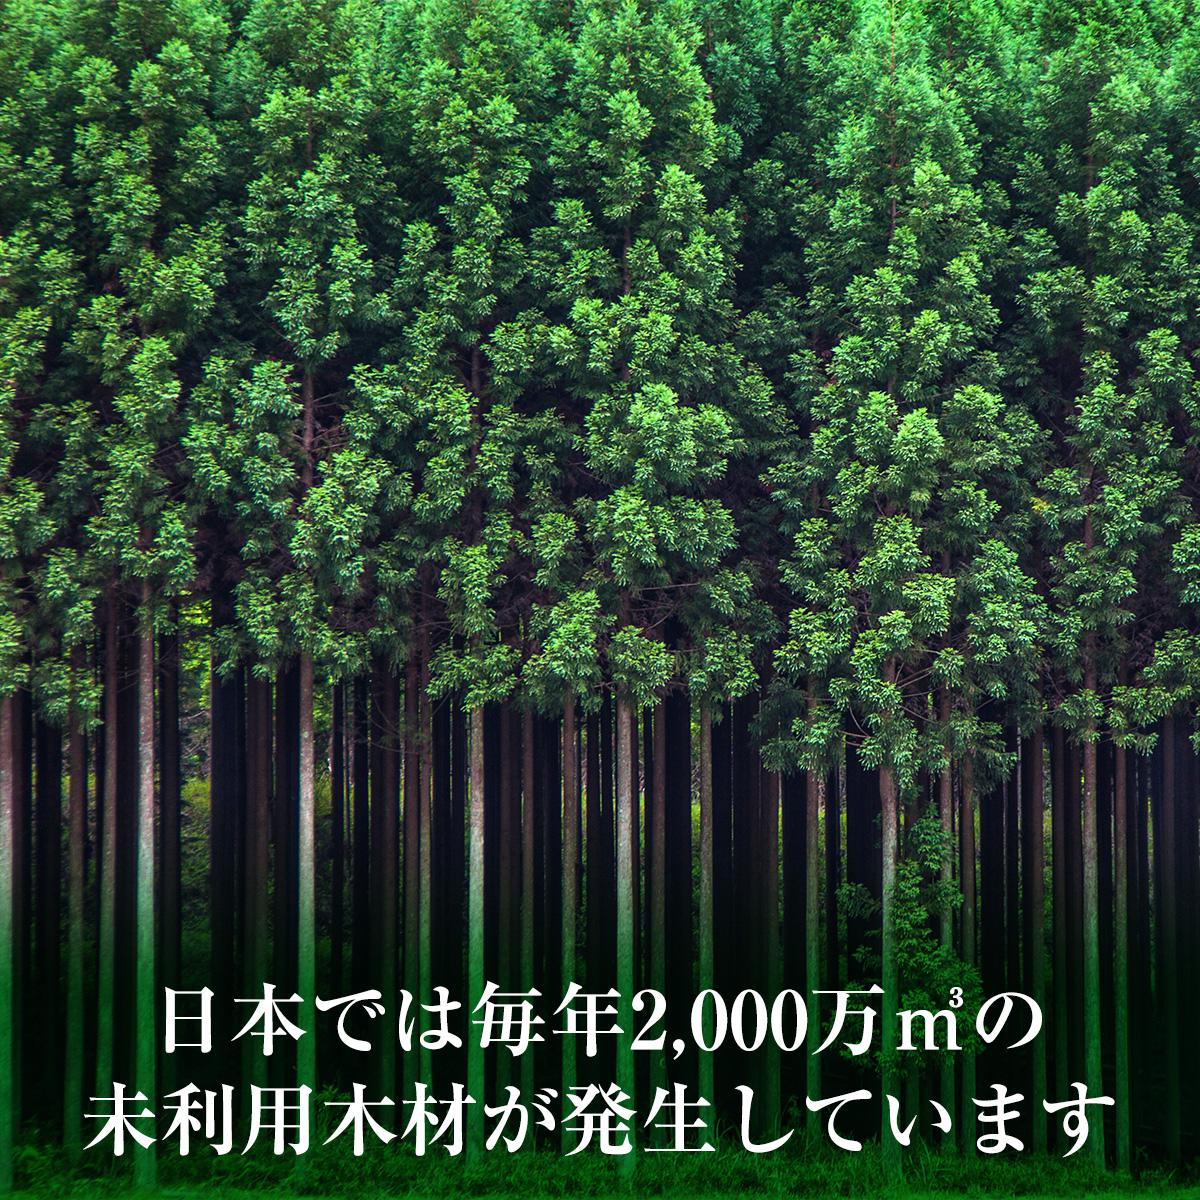 日本では毎年2000万立方メートルの未利用木材が発生しています